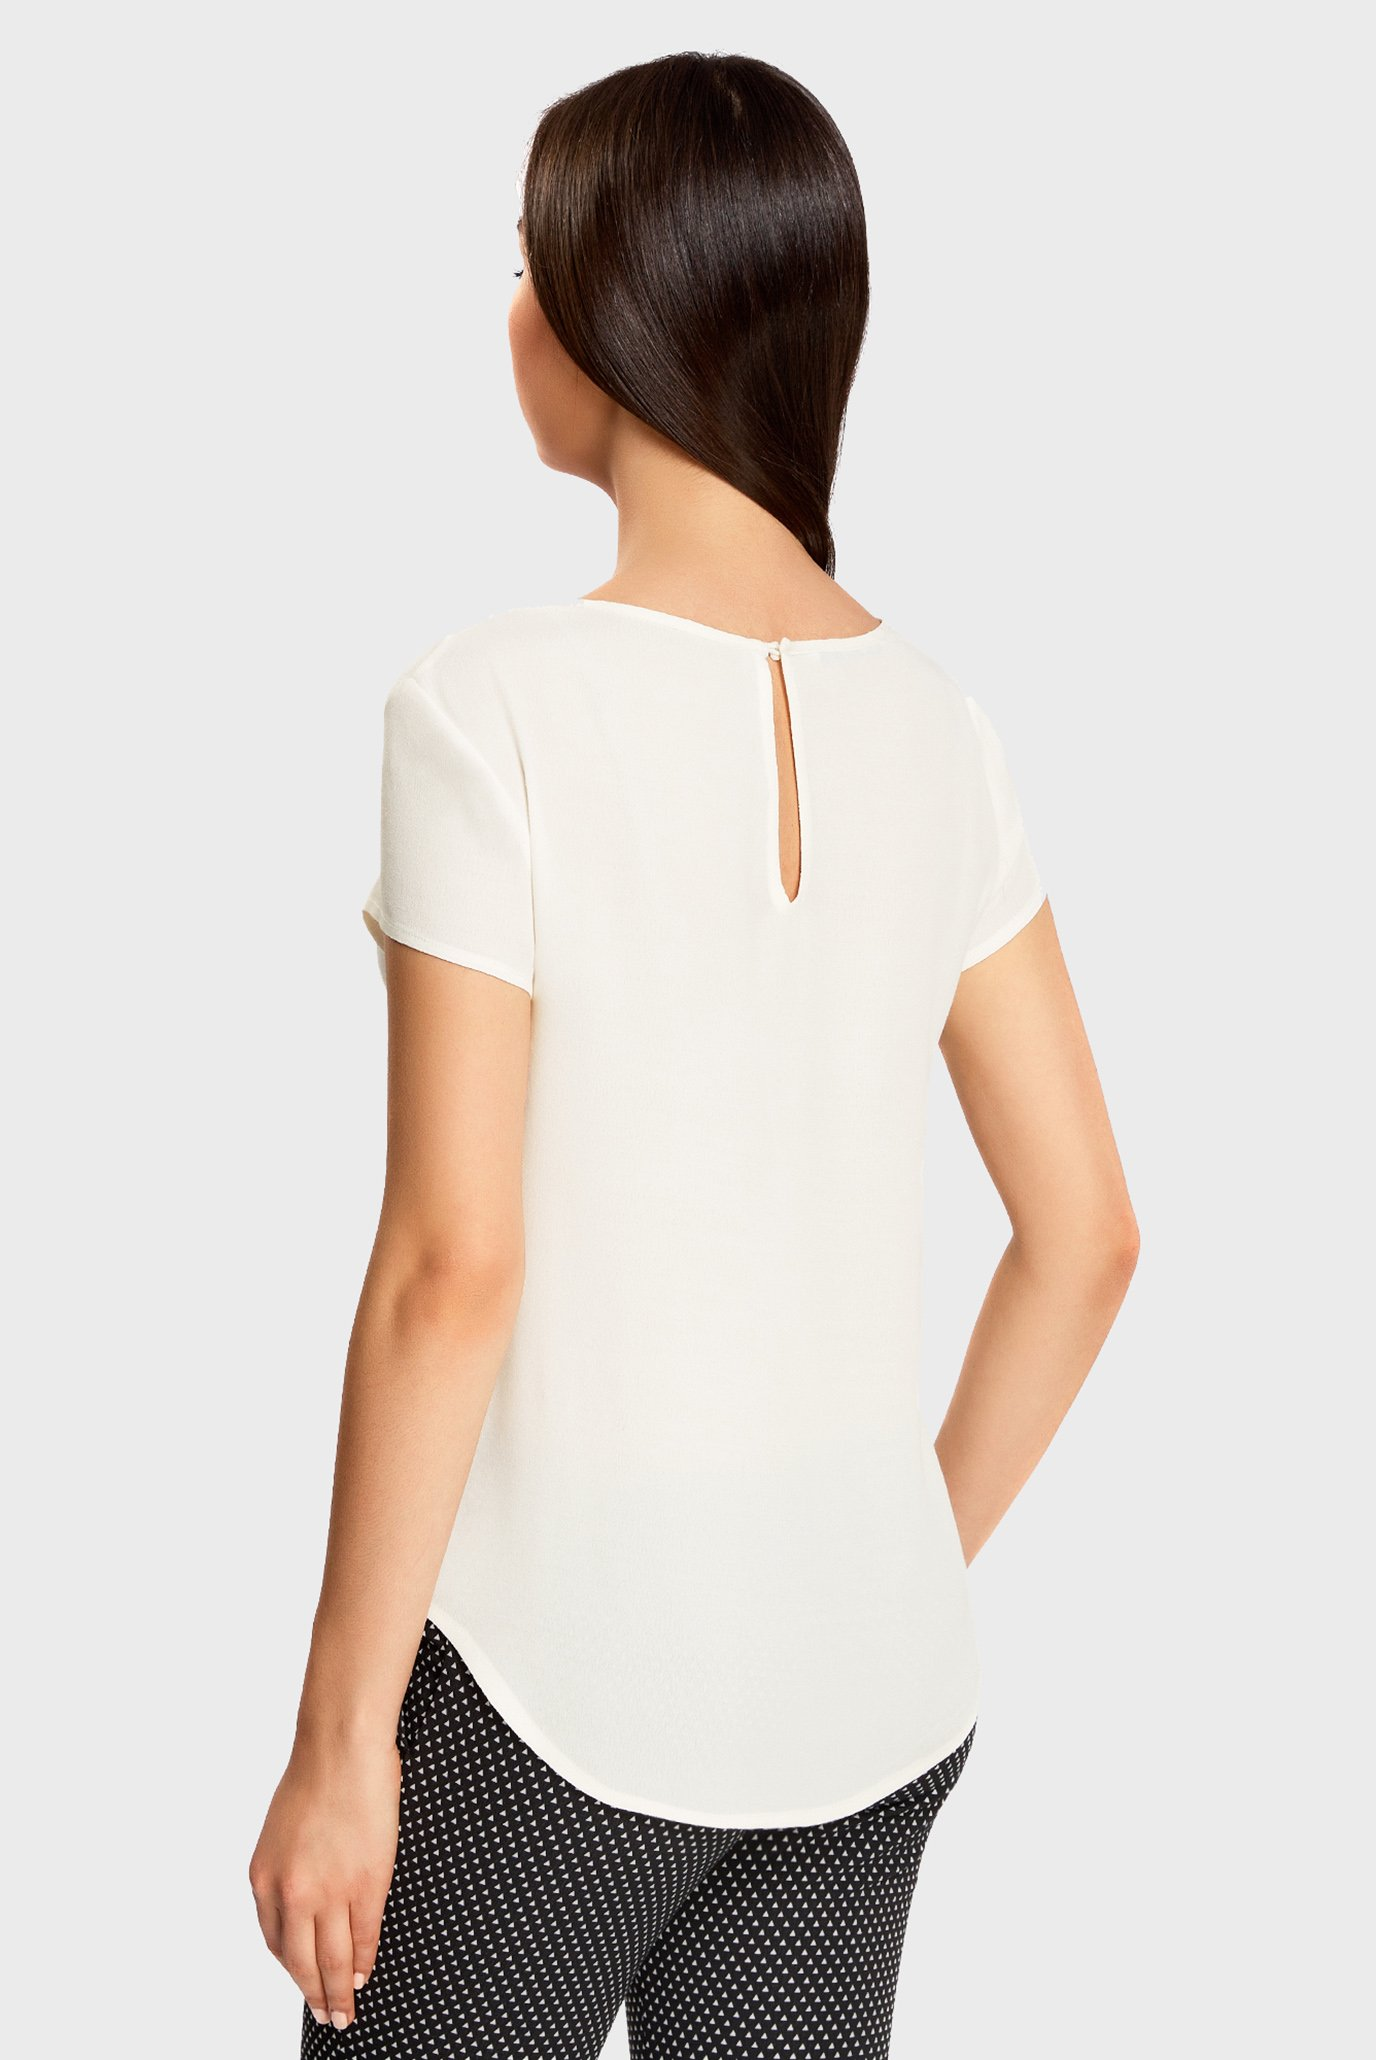 Купить Женская белая блуза Oodji Oodji 11411138B/46249/1200N – Киев, Украина. Цены в интернет магазине MD Fashion